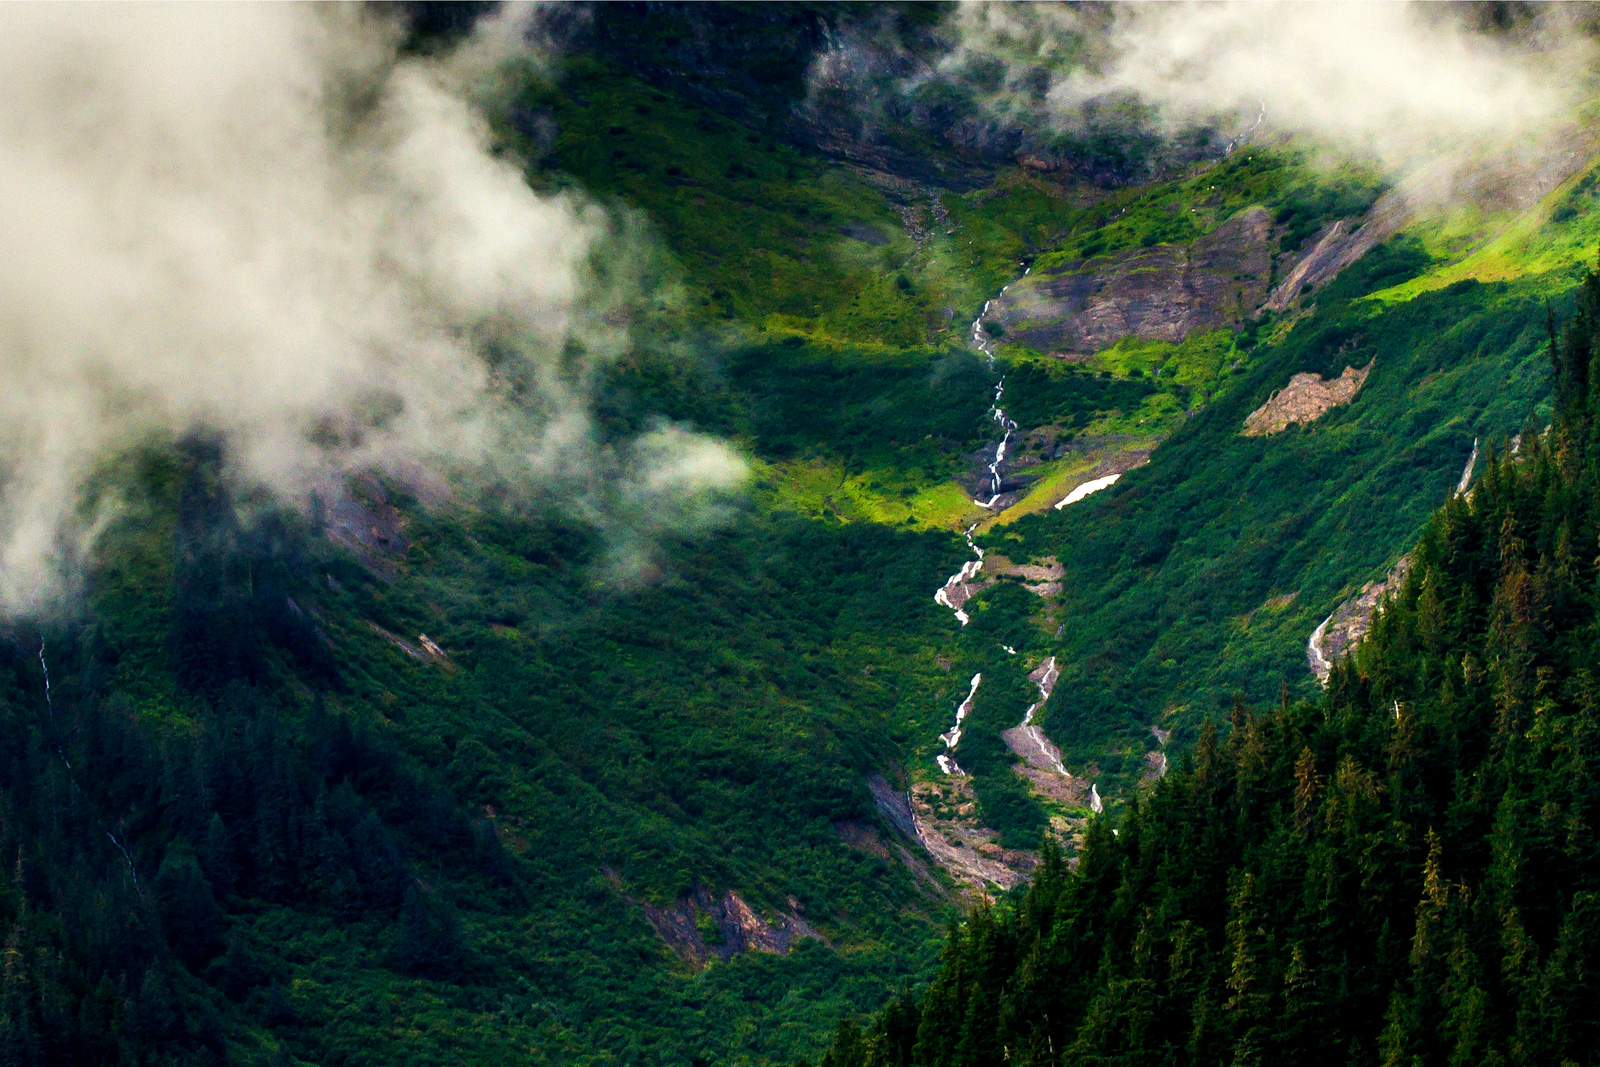 阿拉斯加,高山下的朦胧